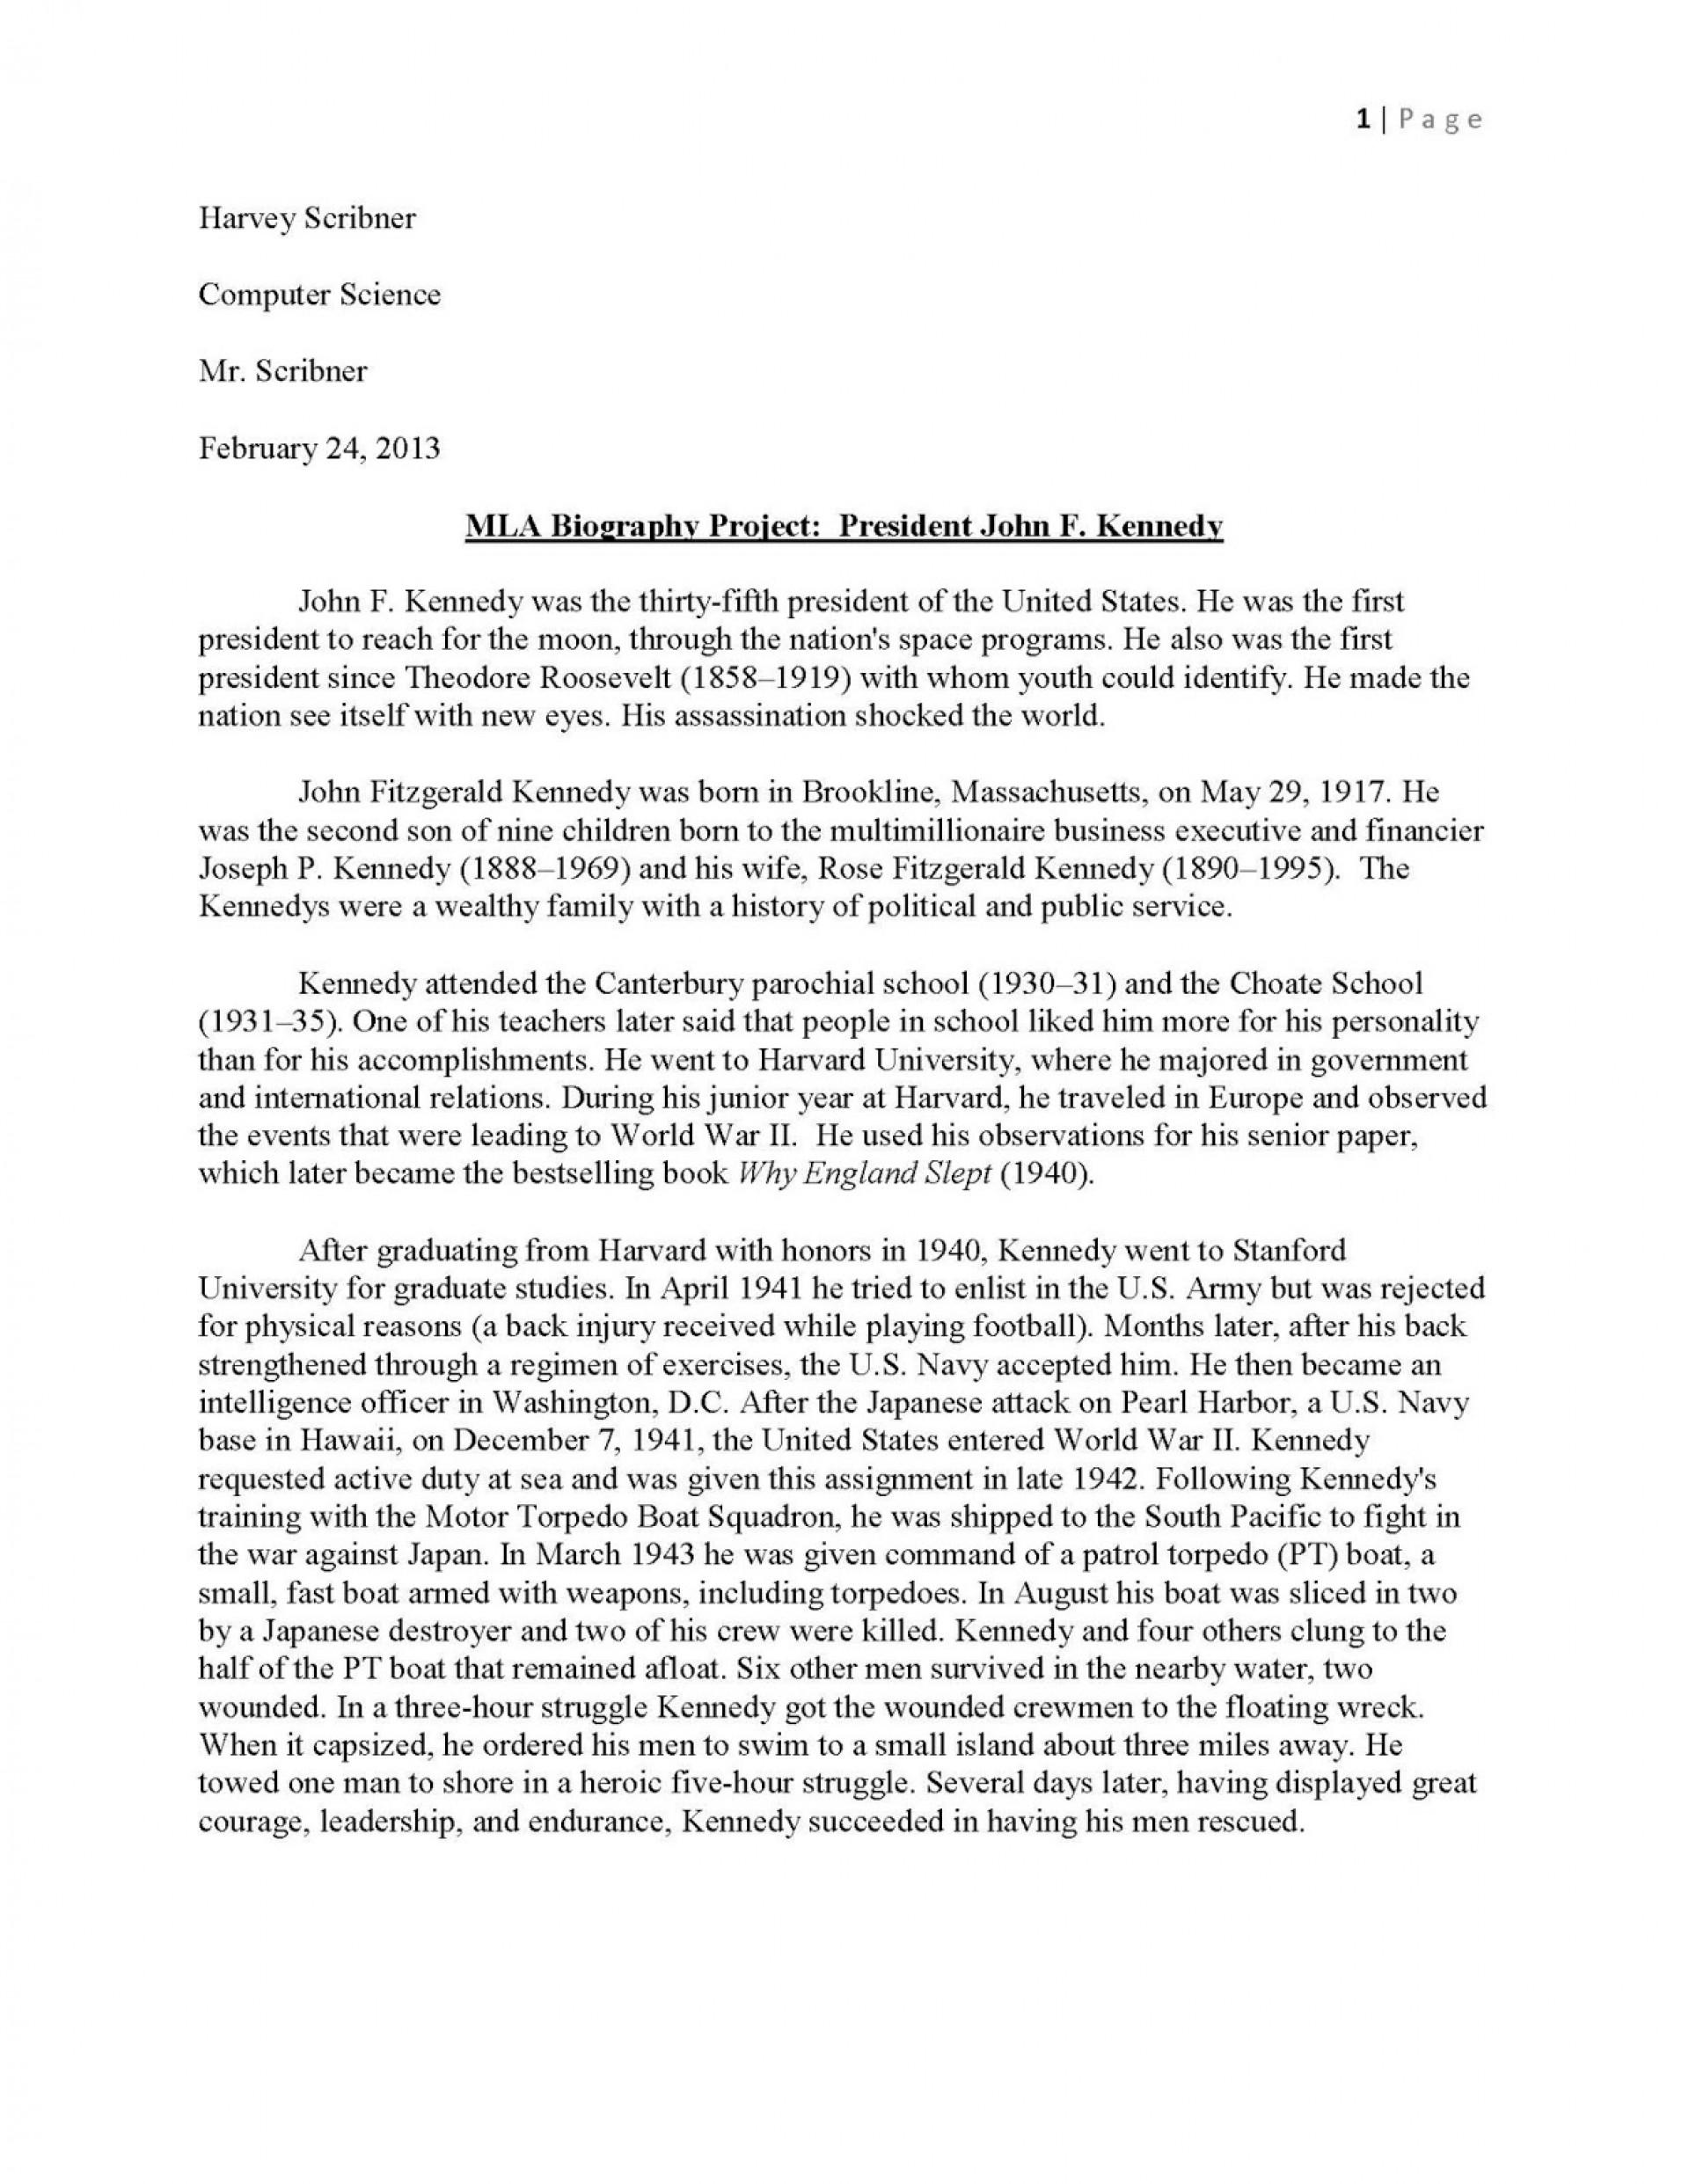 016 Njhs Essay Conclusion Example Jfkmlashortformbiographyreportexample Page 1 Unique 1920